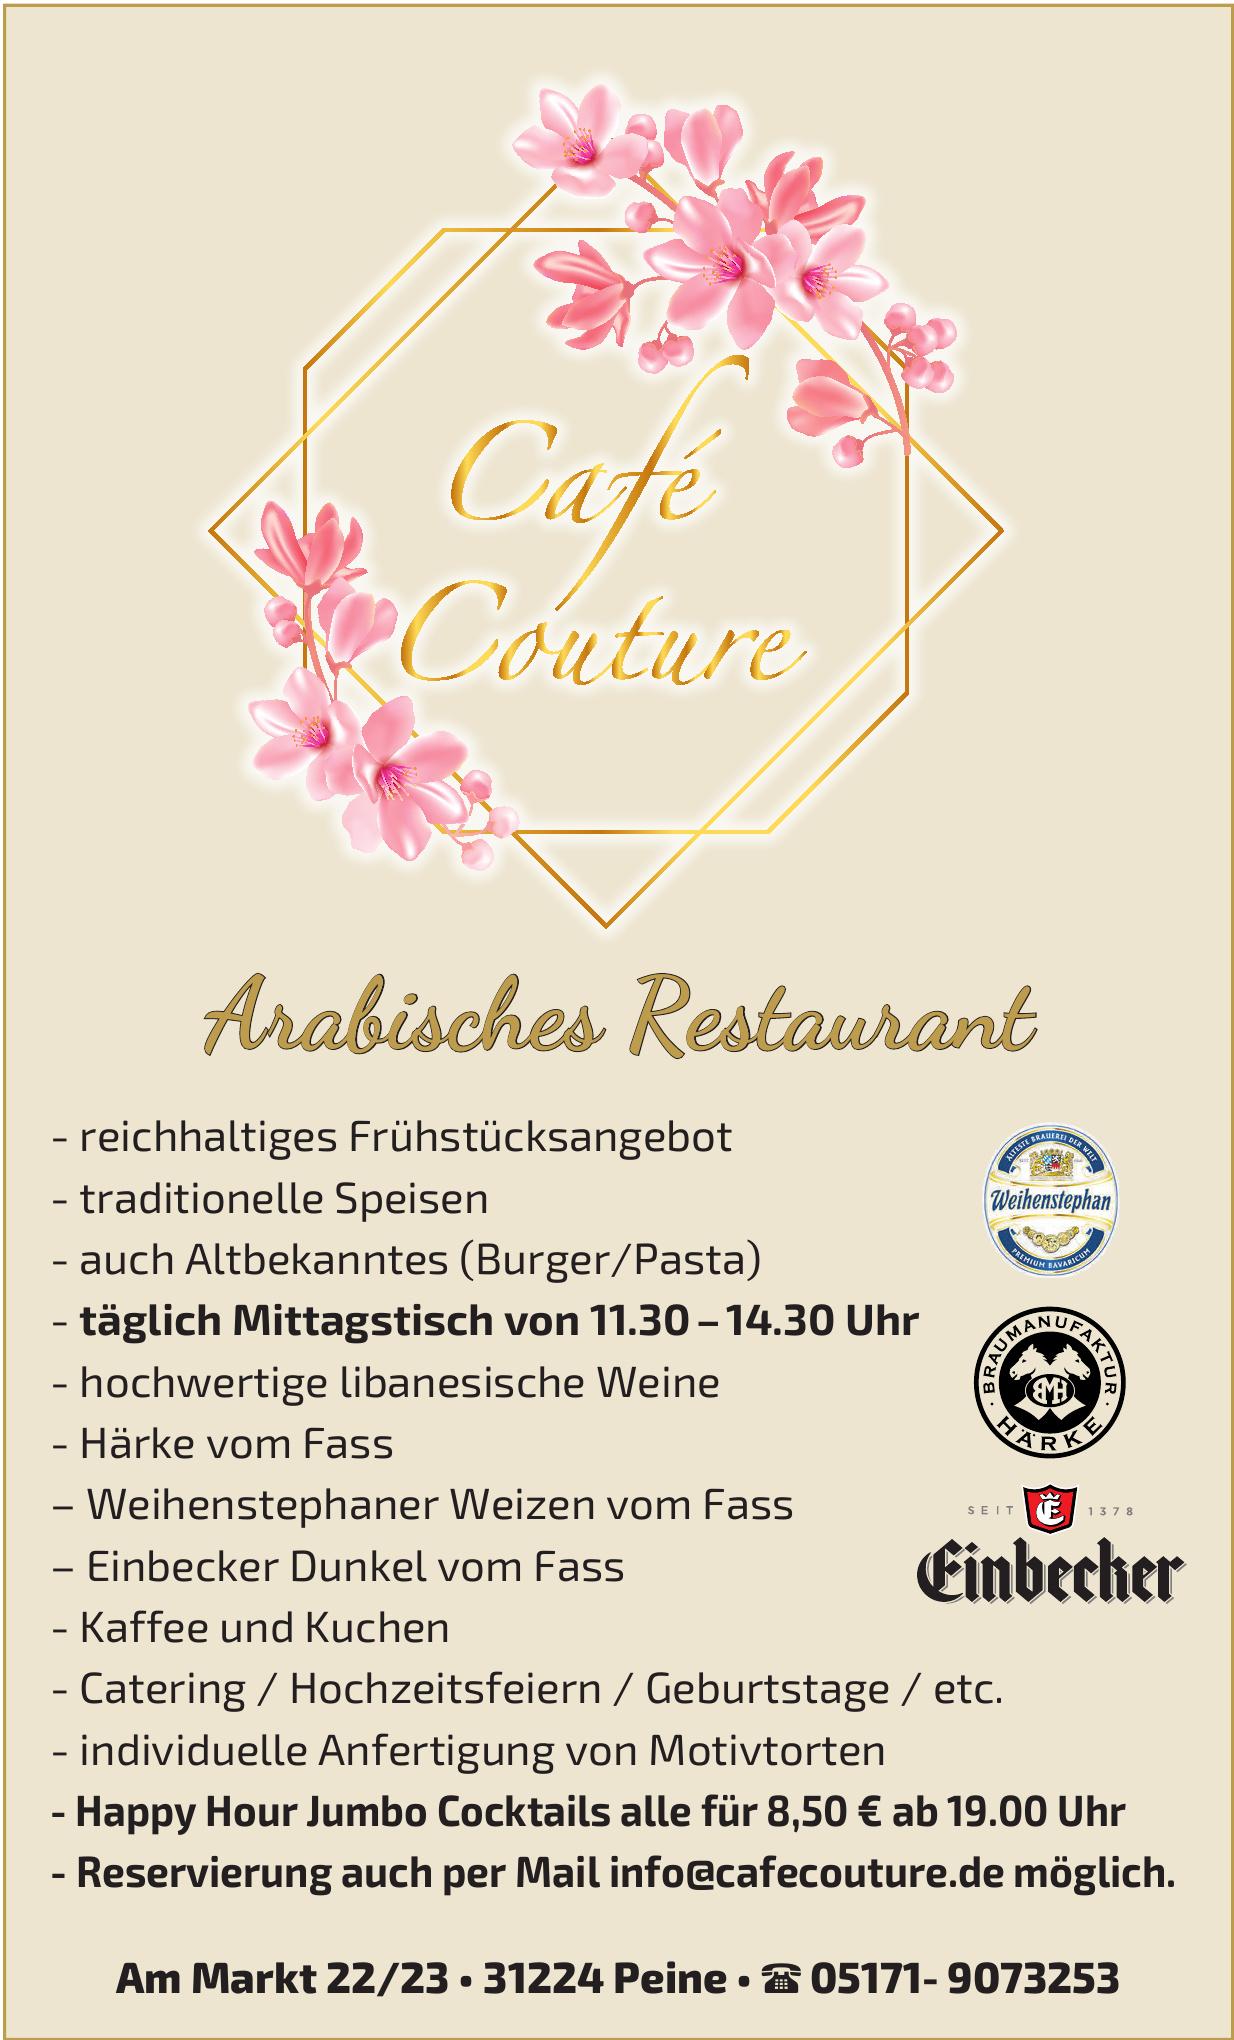 Café Couture